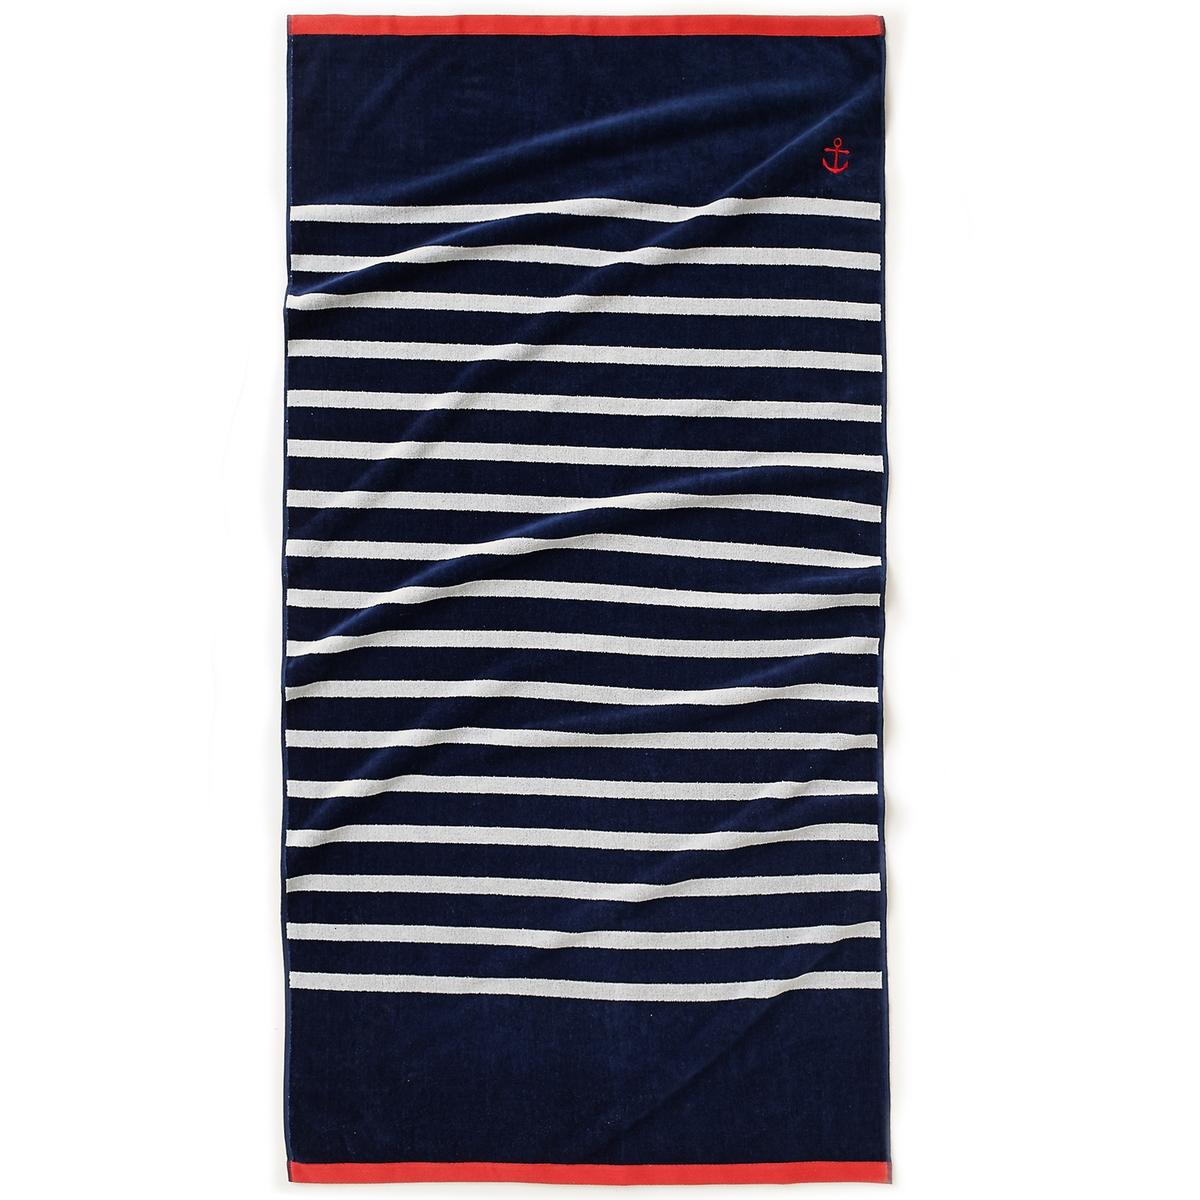 Полотенце пляжное в морском стиле, 100% хлопкаПолотенце пляжное в морском стиле. Голубой, белый, красный - пляжное полотенце демонстрирует свои цвета, полоски и контрастную окантовку! Оно также привлекает нас своей очаровательной вышивкой якорь, прекрасным качеством и своей впитывающей способностью: 1 сторона из махрового велюра, 1 - из махровой ткани букле.Состав и описание.Материал: 100% хлопка жаккарда, 500 г/м?.Размер: 90 x 175 см.Марка: La Redoute Int?rieurs.Уход: стирать при 40°C.<br><br>Цвет: синий/ белый